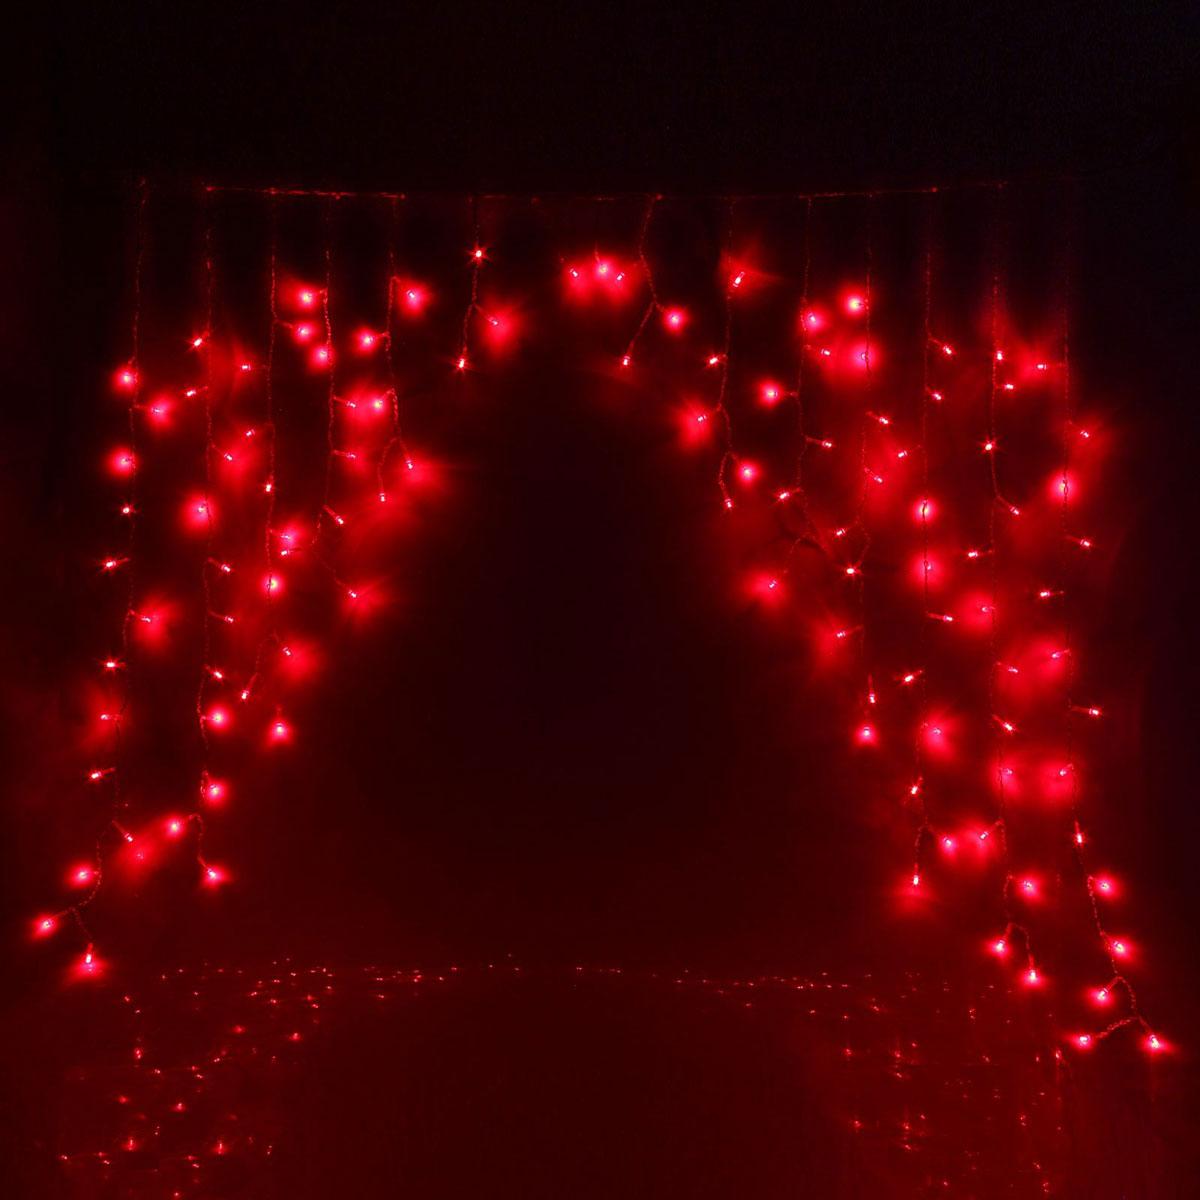 Гирлянда светодиодная Luazon Бахрома. Арка, 8 режимов, 126 ламп, 220 V, цвет: красный, 1 х 1 м. 10804321080432Светодиодные гирлянды, ленты и т.д — это отличный вариант для новогоднего оформления интерьера или фасада. С их помощью помещение любого размера можно превратить в праздничный зал, а внешние элементы зданий, украшенные ими, мгновенно станут напоминать очертания сказочного дворца. Такие украшения создают ауру предвкушения чуда. Деревья, фасады, витрины, окна и арки будто специально созданы, чтобы вы украсили их светящимися нитями.